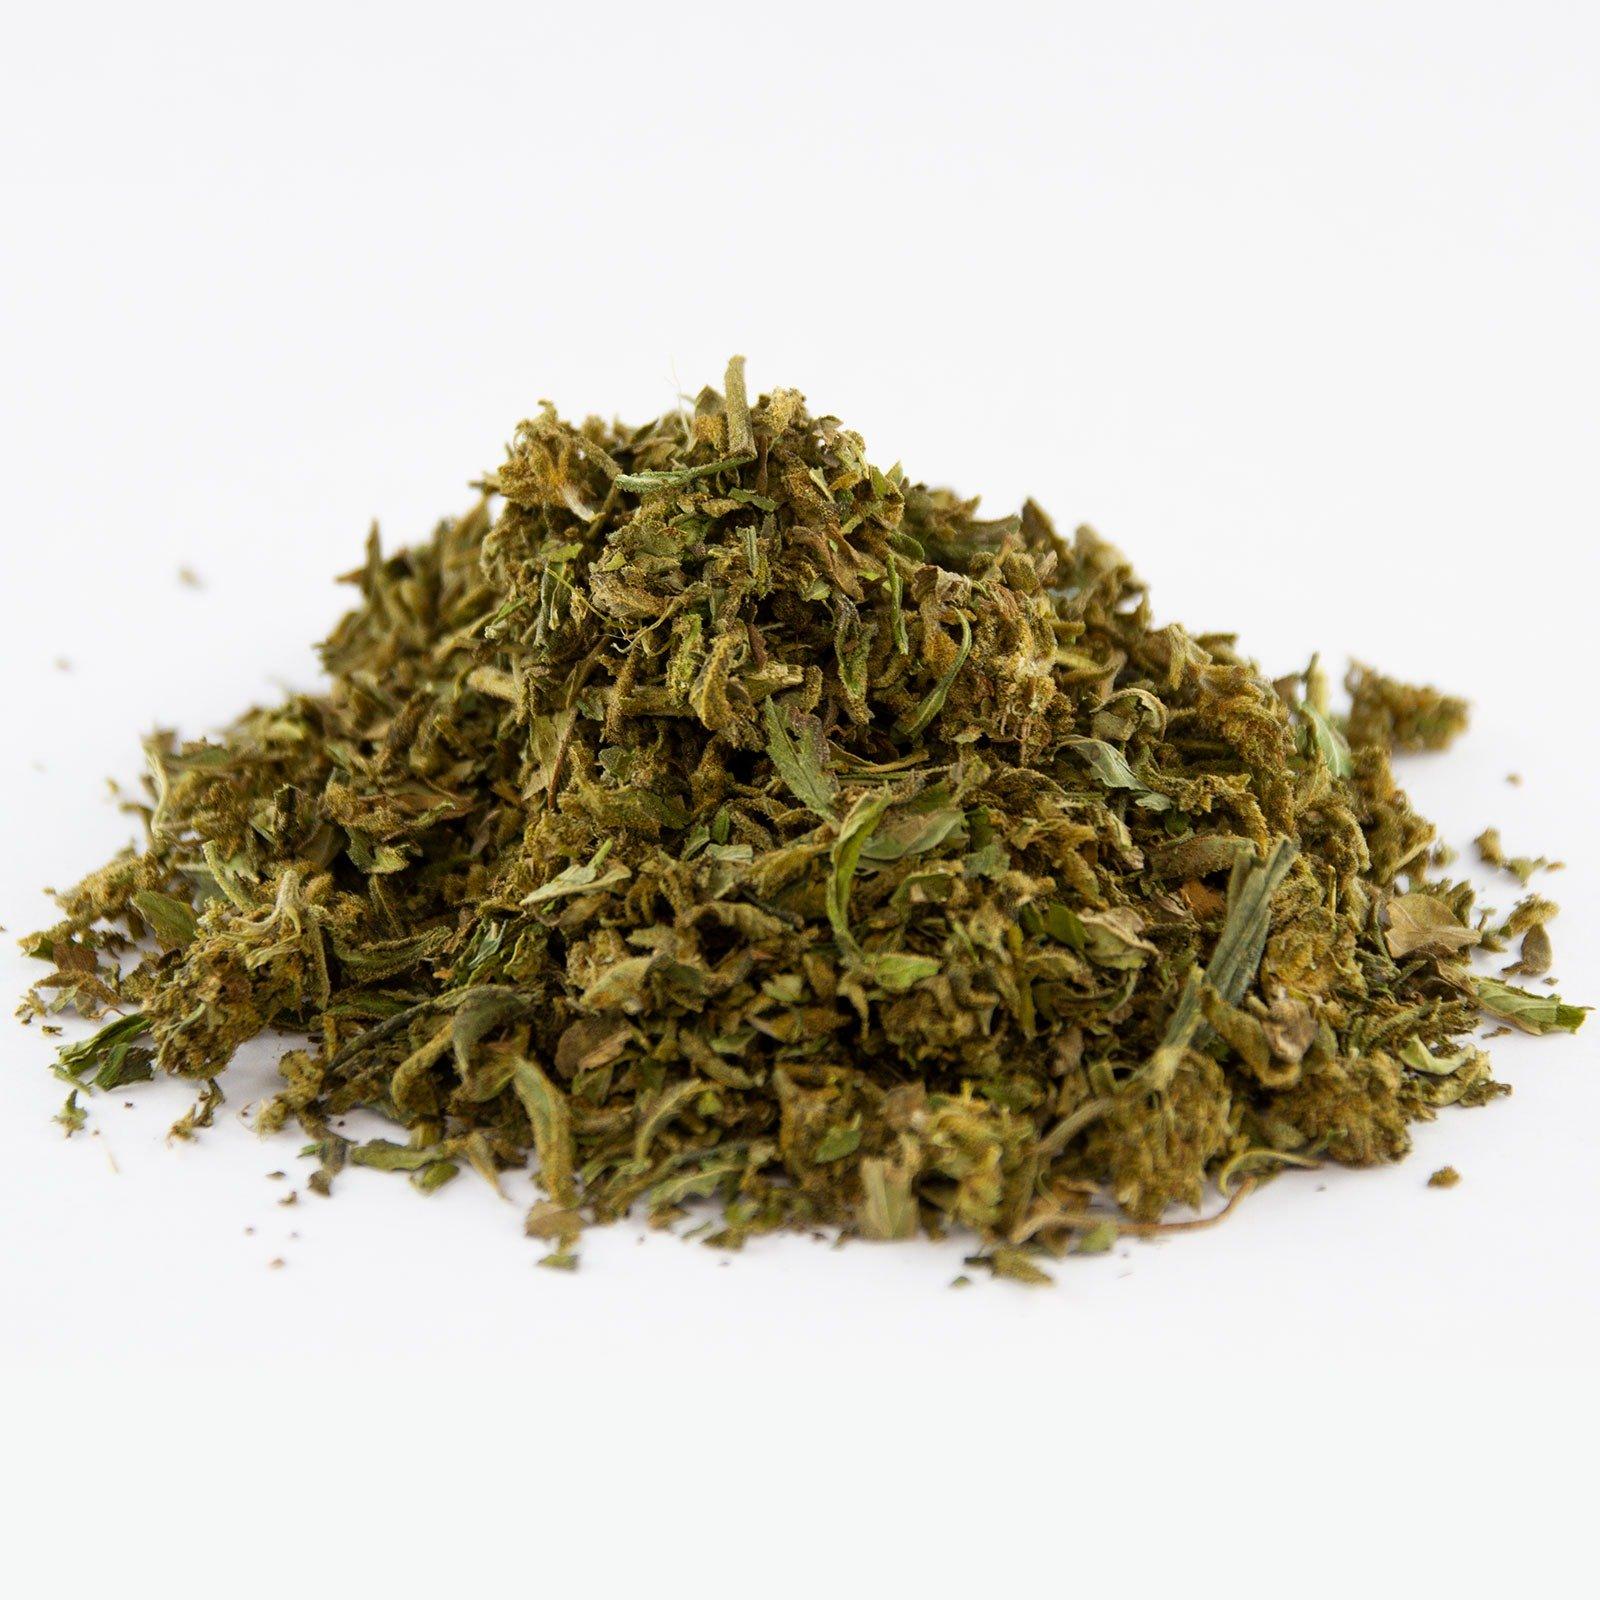 Image de variété BIOMASSE TRIM qualité 1 de Cannabis CBD 100% légal